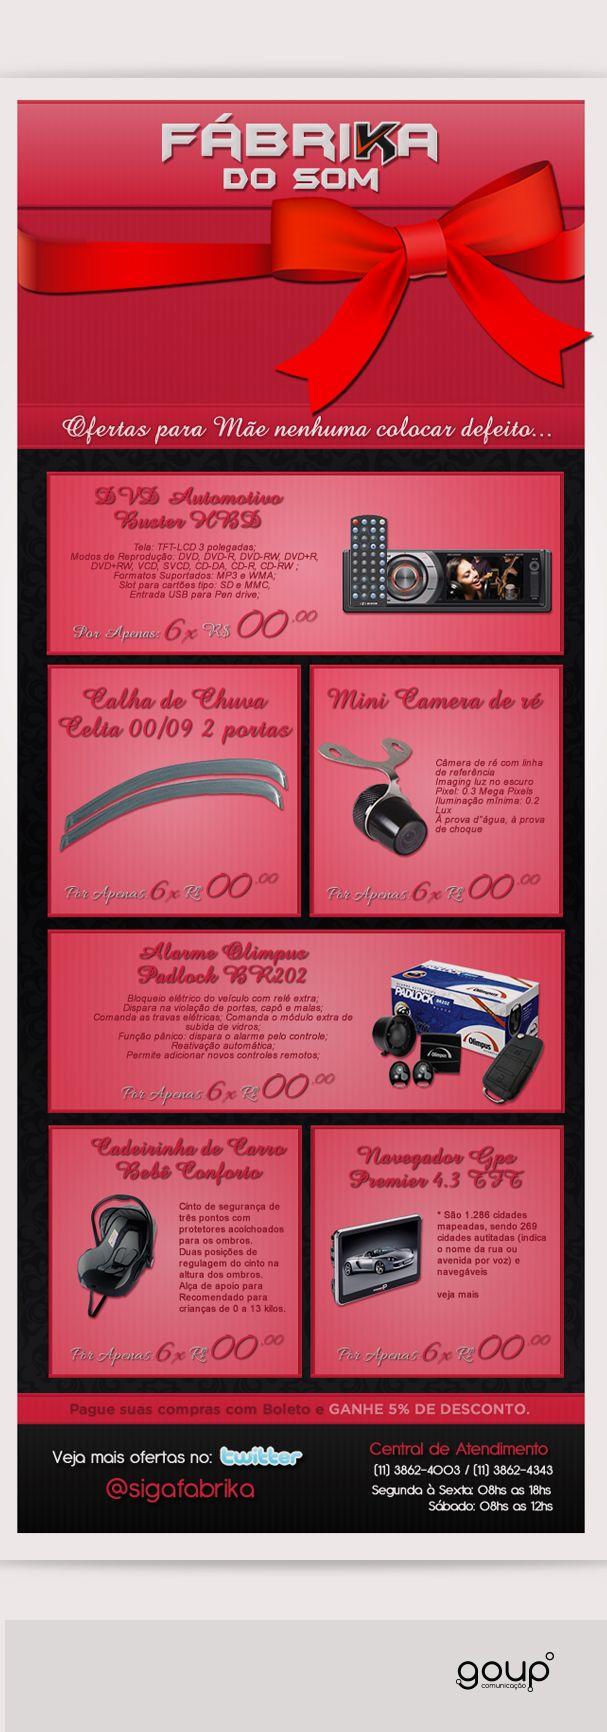 Campanha de dia das Mães Fabrikadosom.com.br